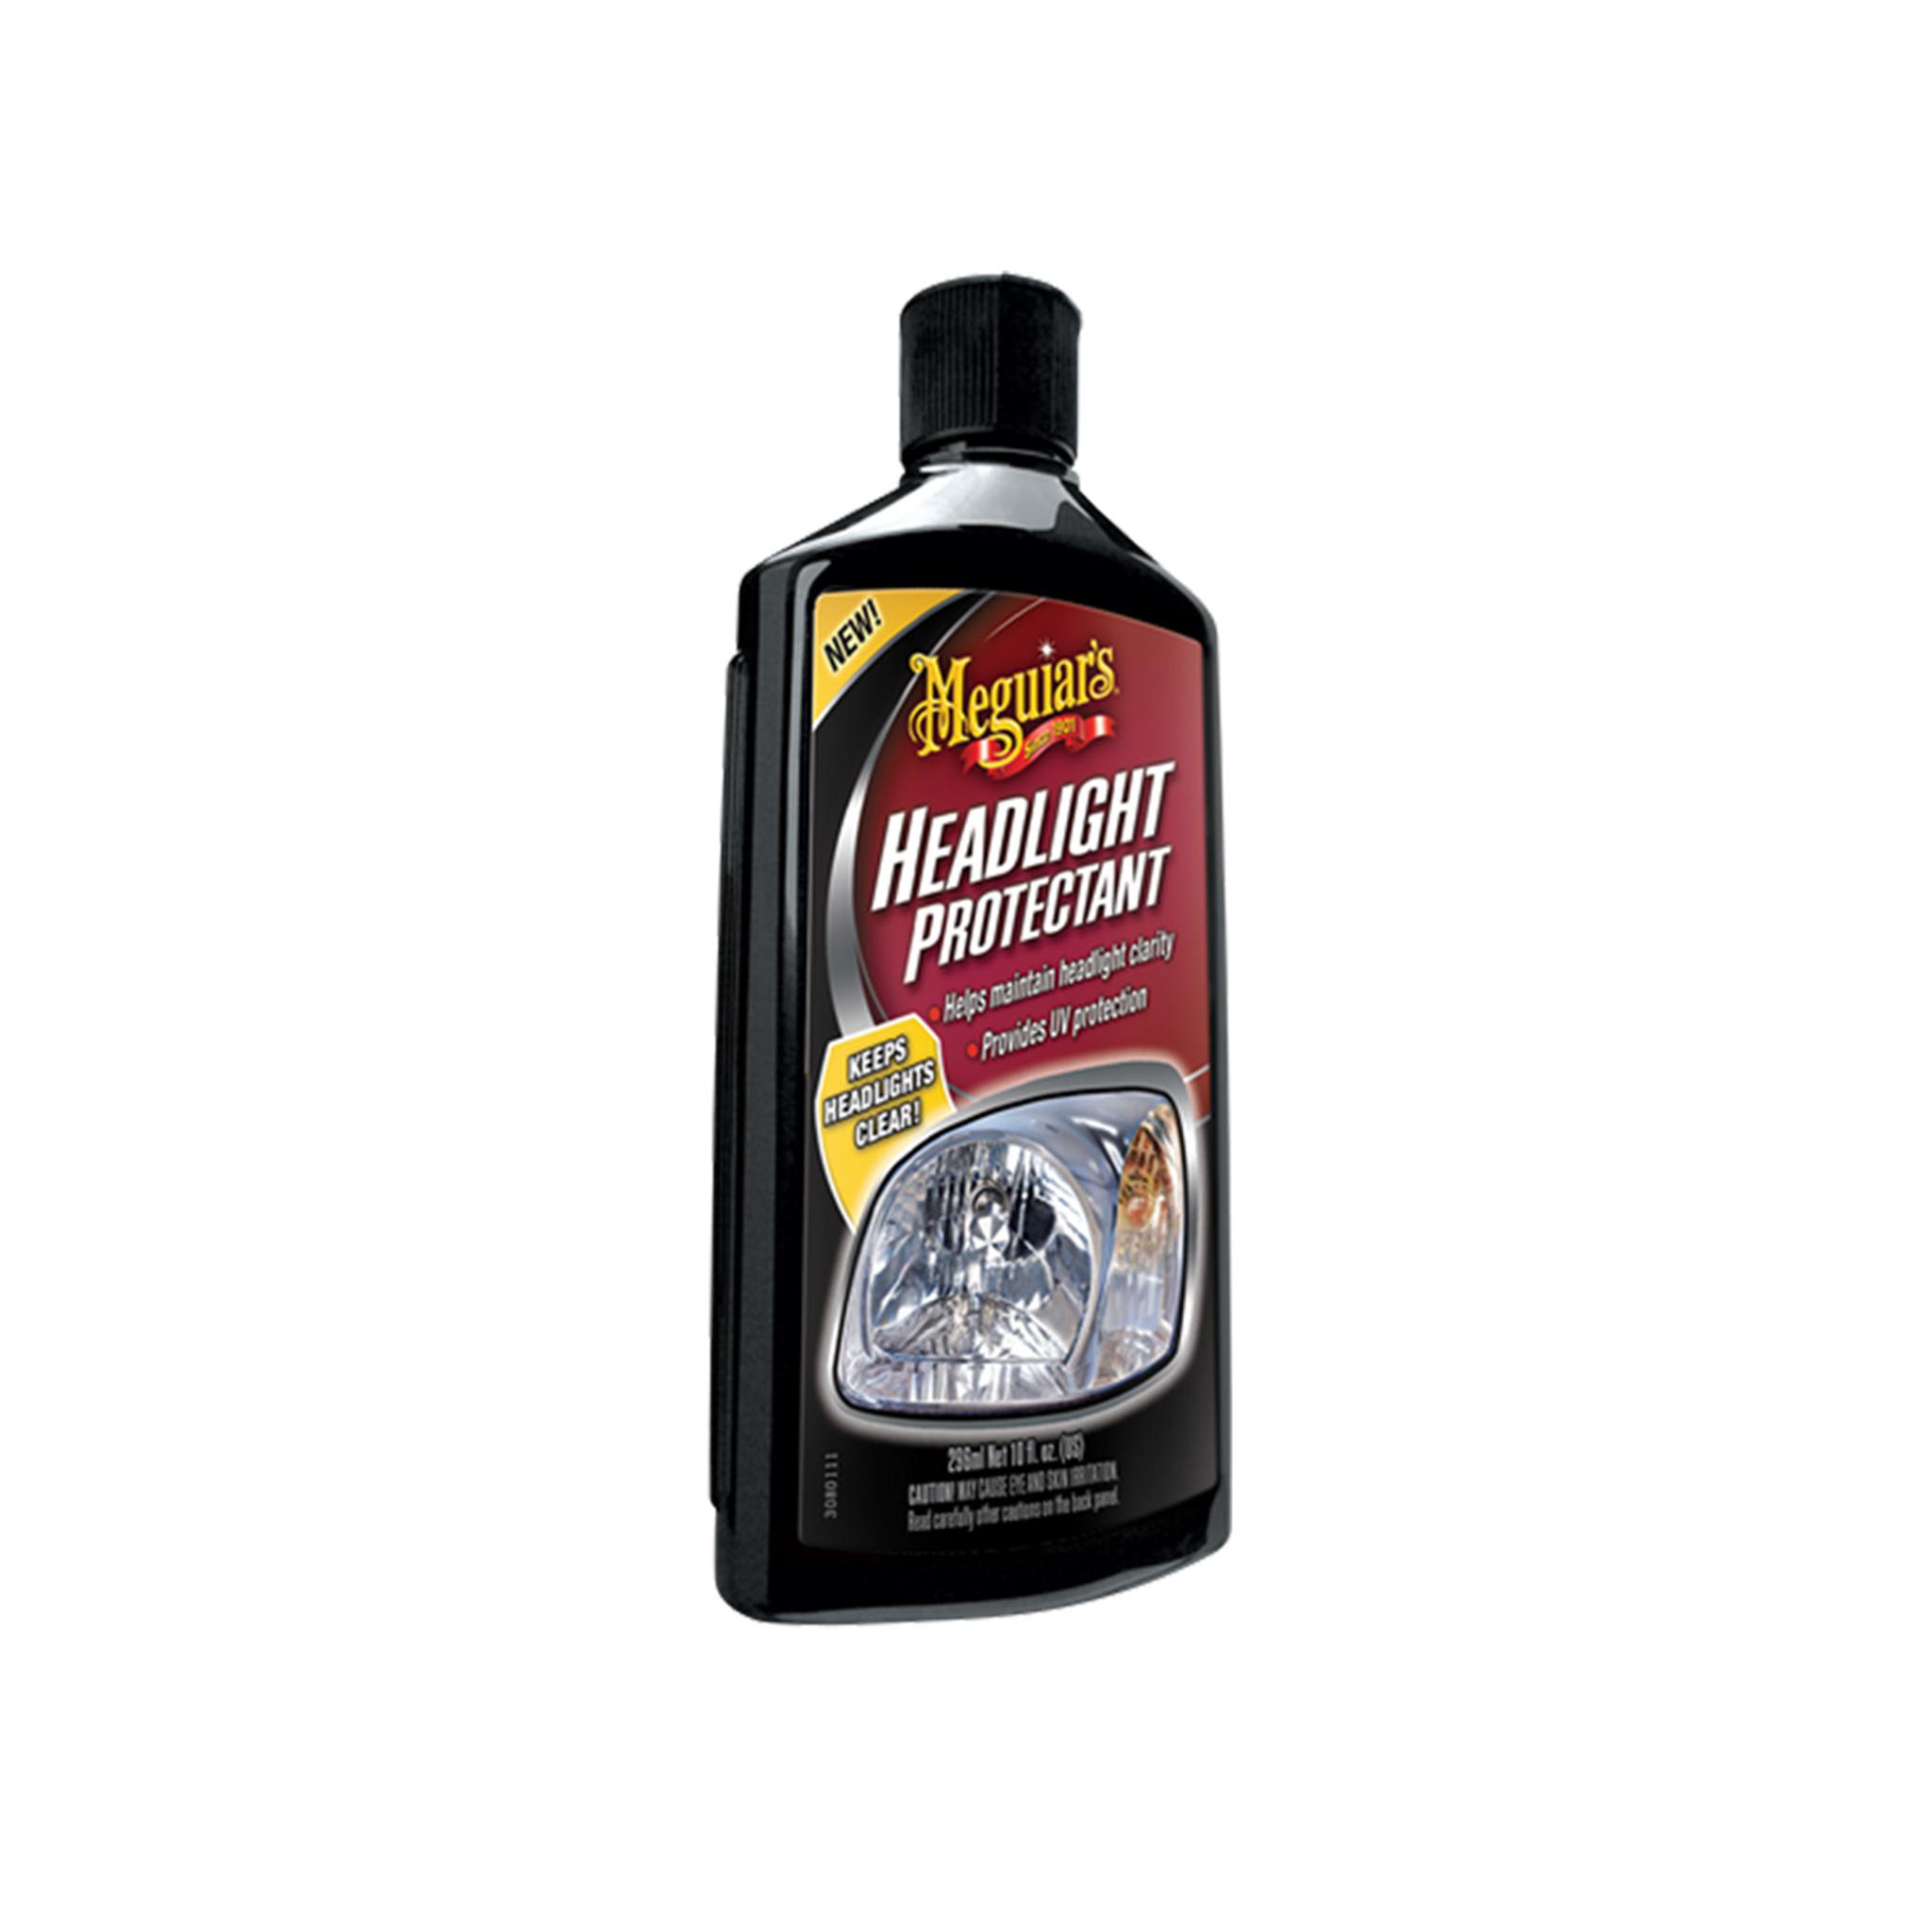 Polermedel för strålkastare Meguiars Headlight Protectant, 296 ml